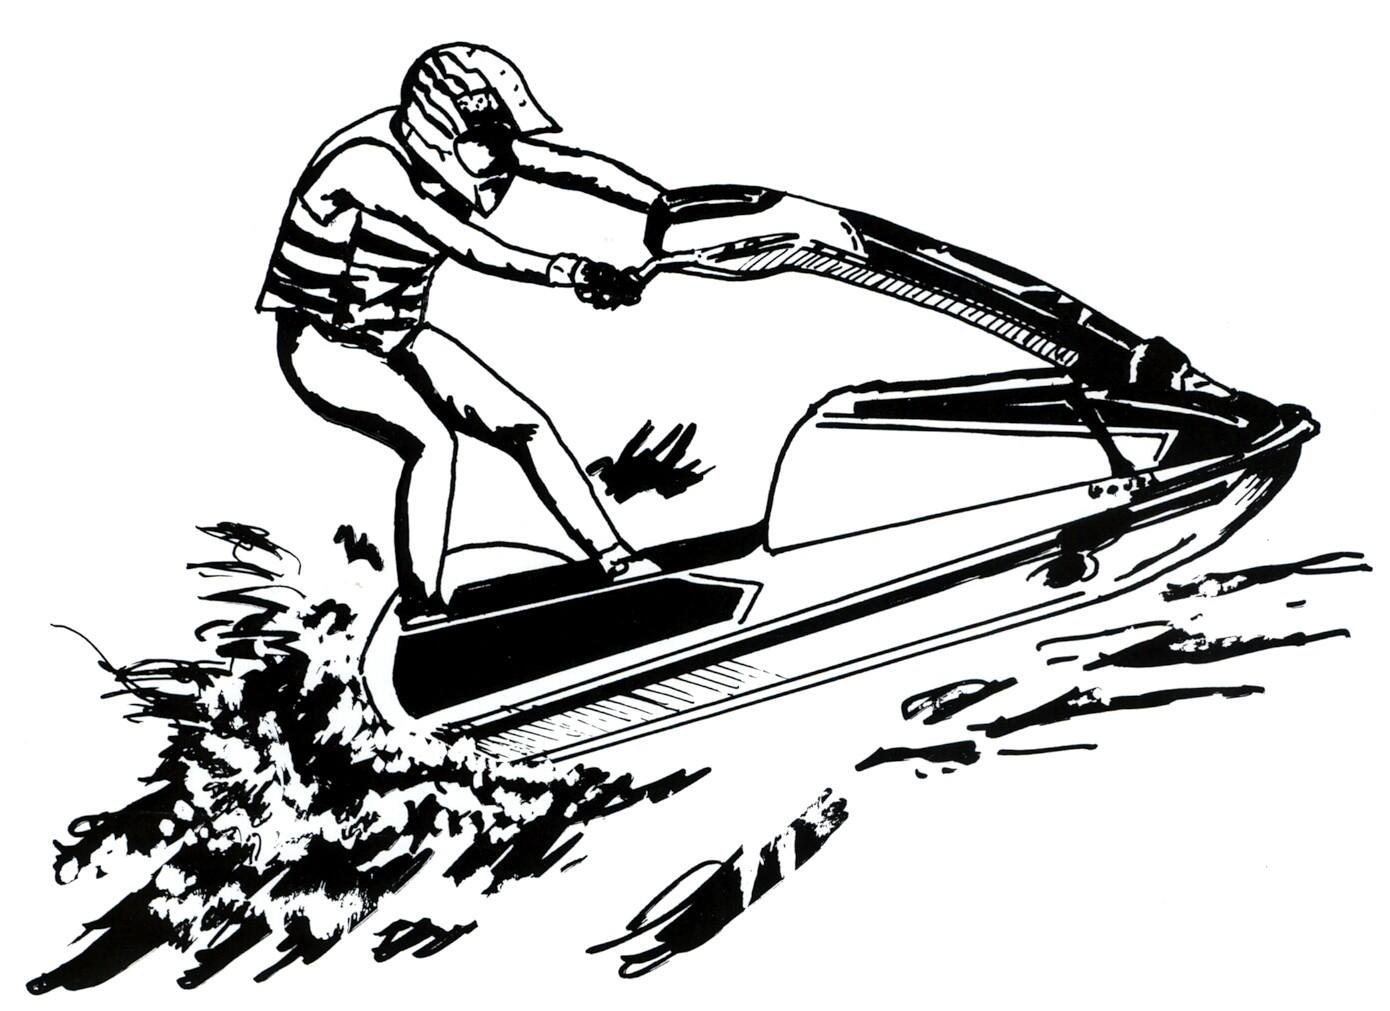 jet ski clip art black and white. Black Bedroom Furniture Sets. Home Design Ideas